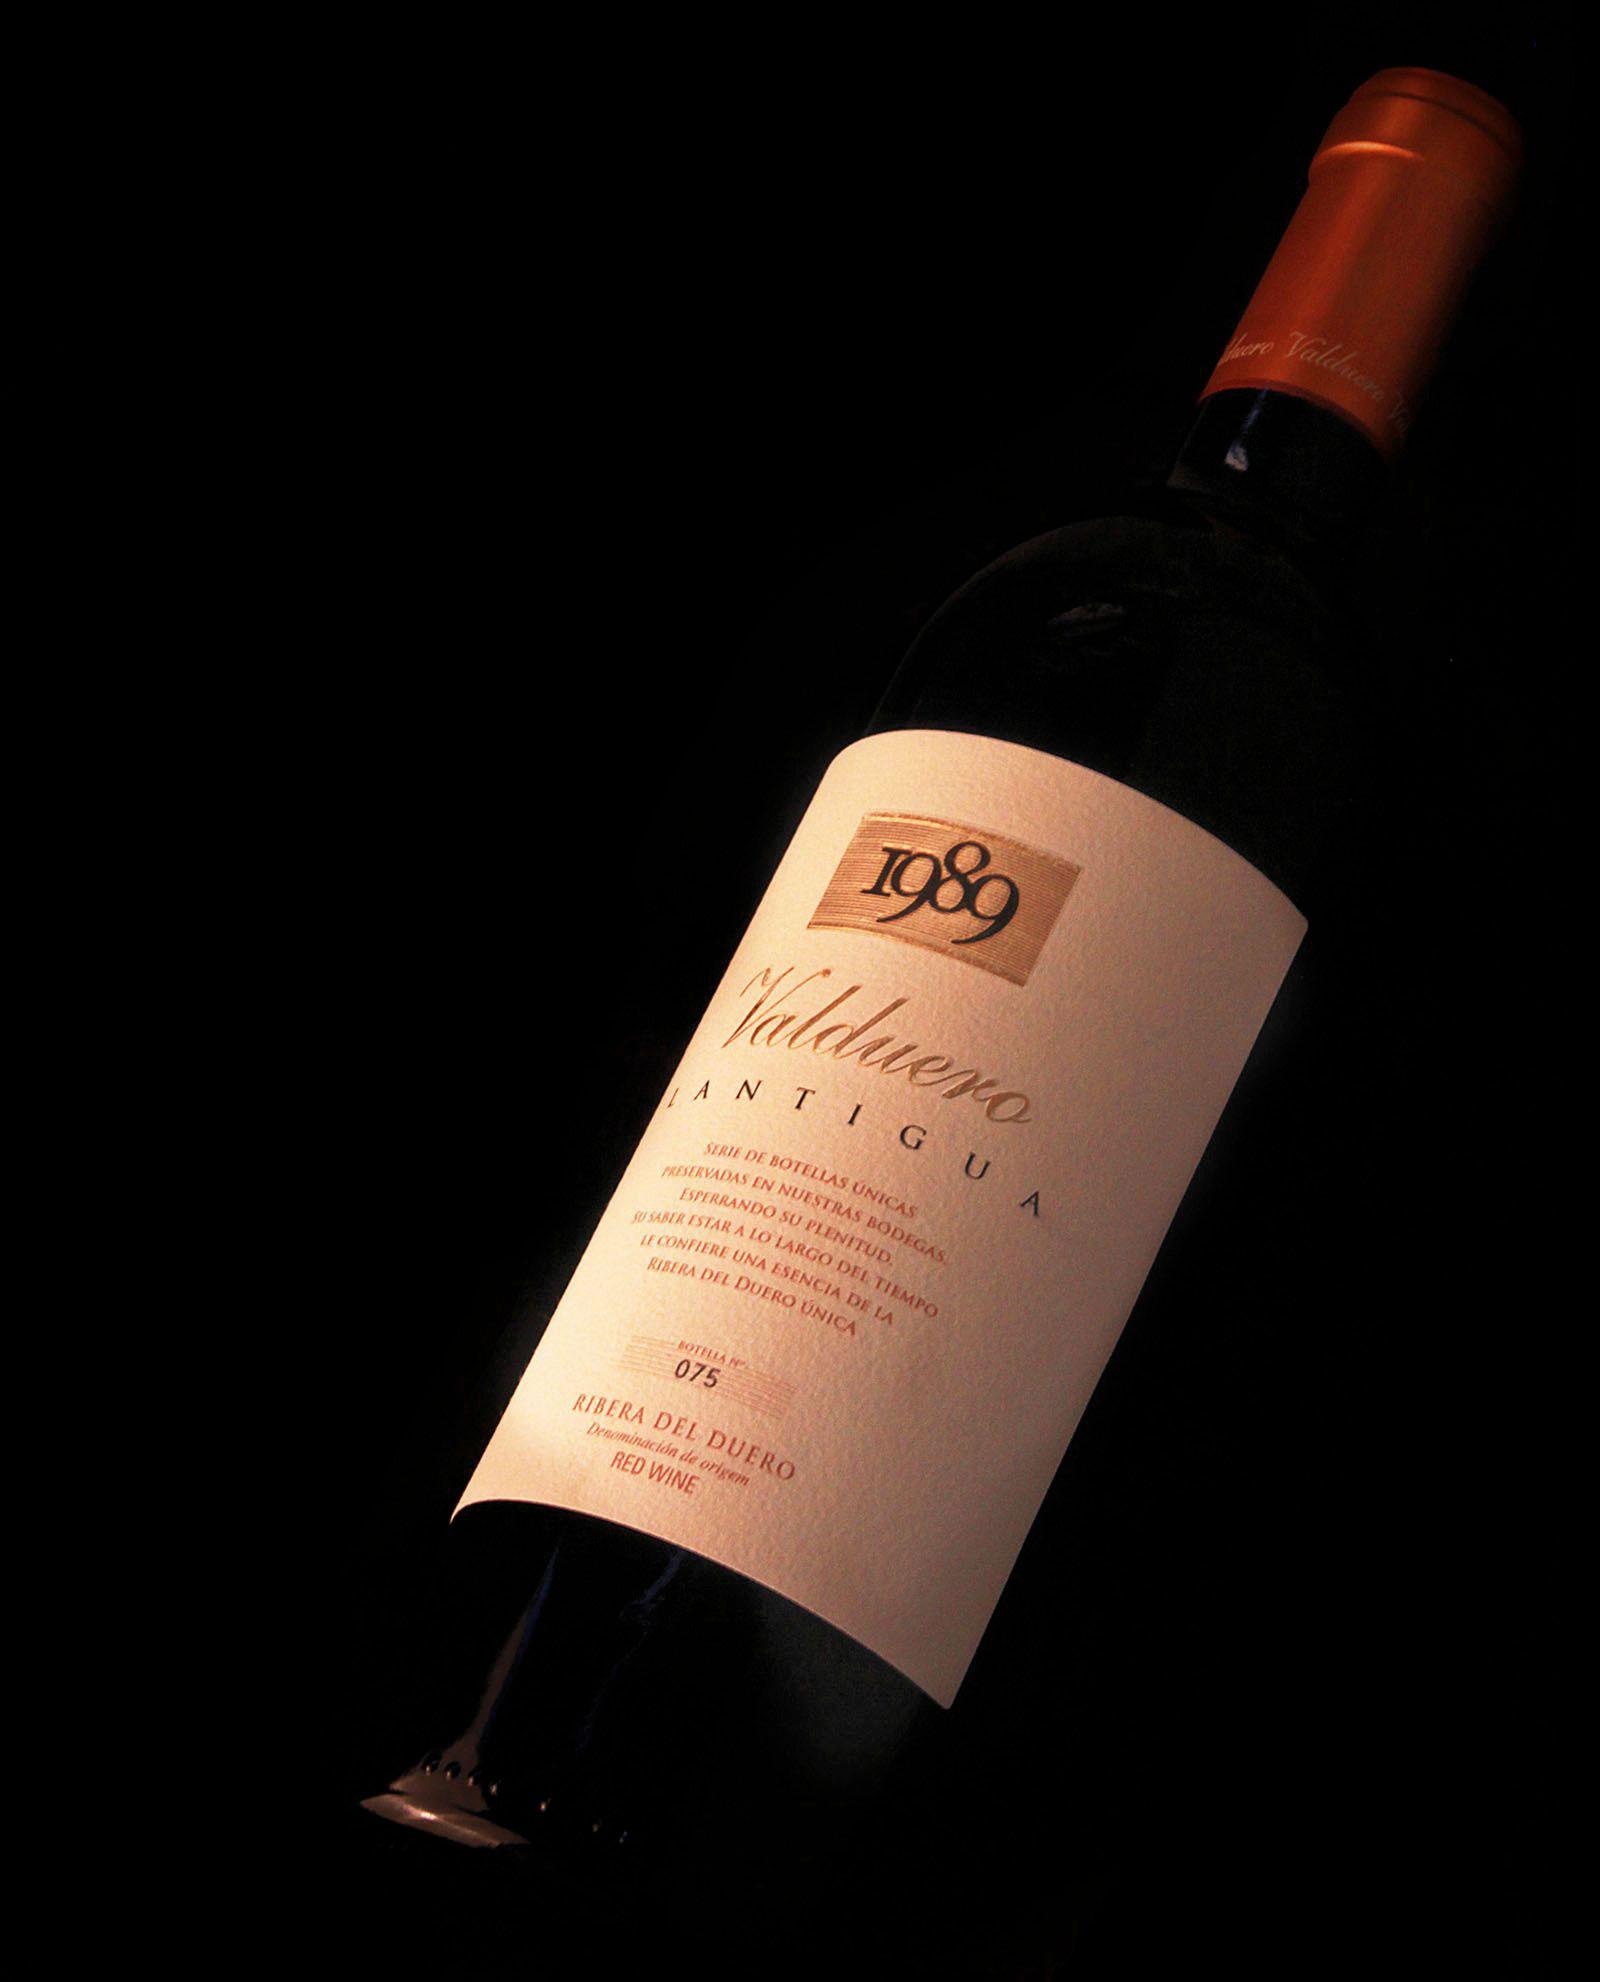 Detalle de Botella de vino de lujo Valduero lantigua, vino de lujo de la Ribera de Duero